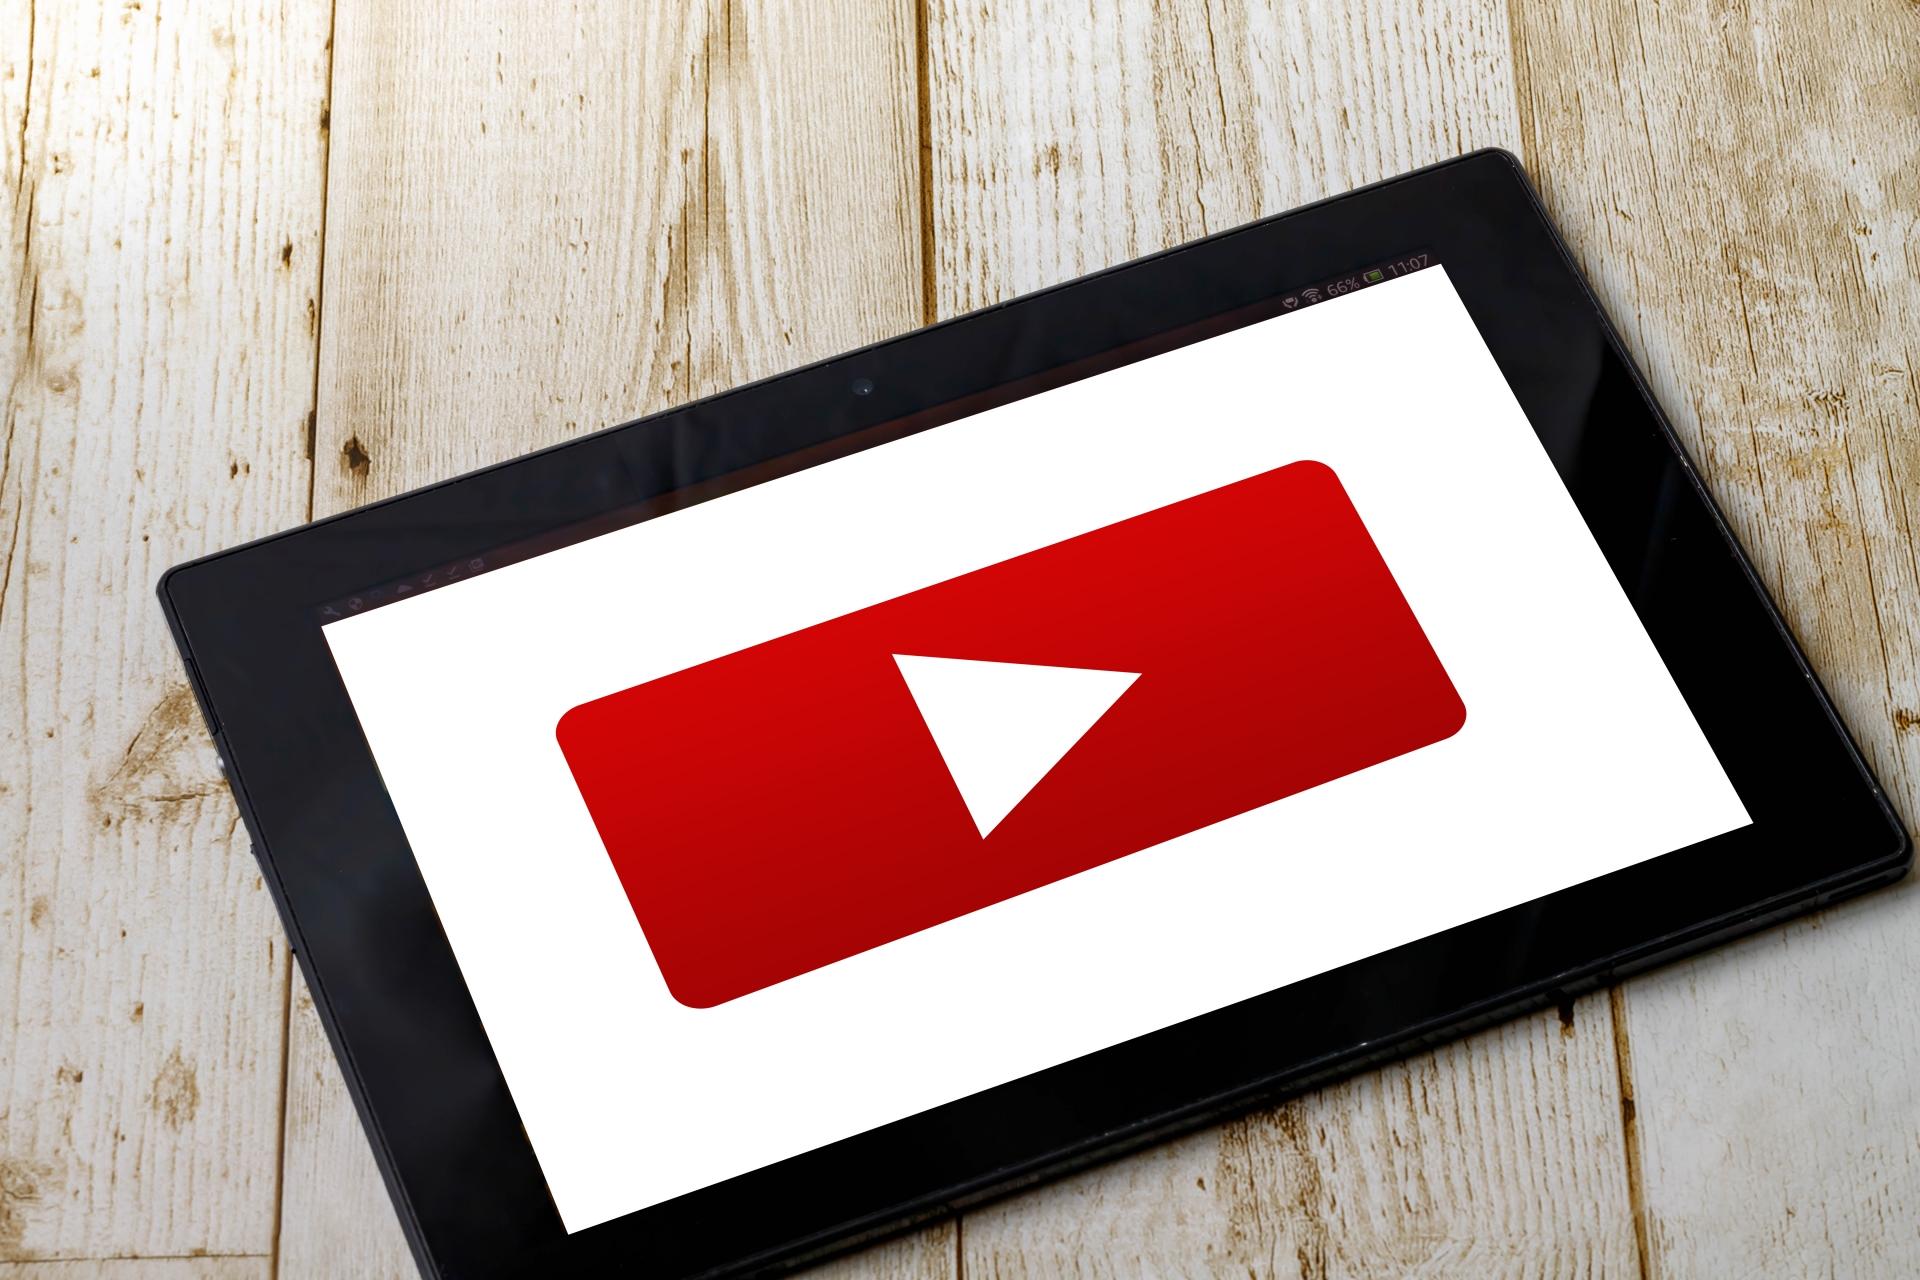 アンドロイドナビのメリット Youtubeが見れる